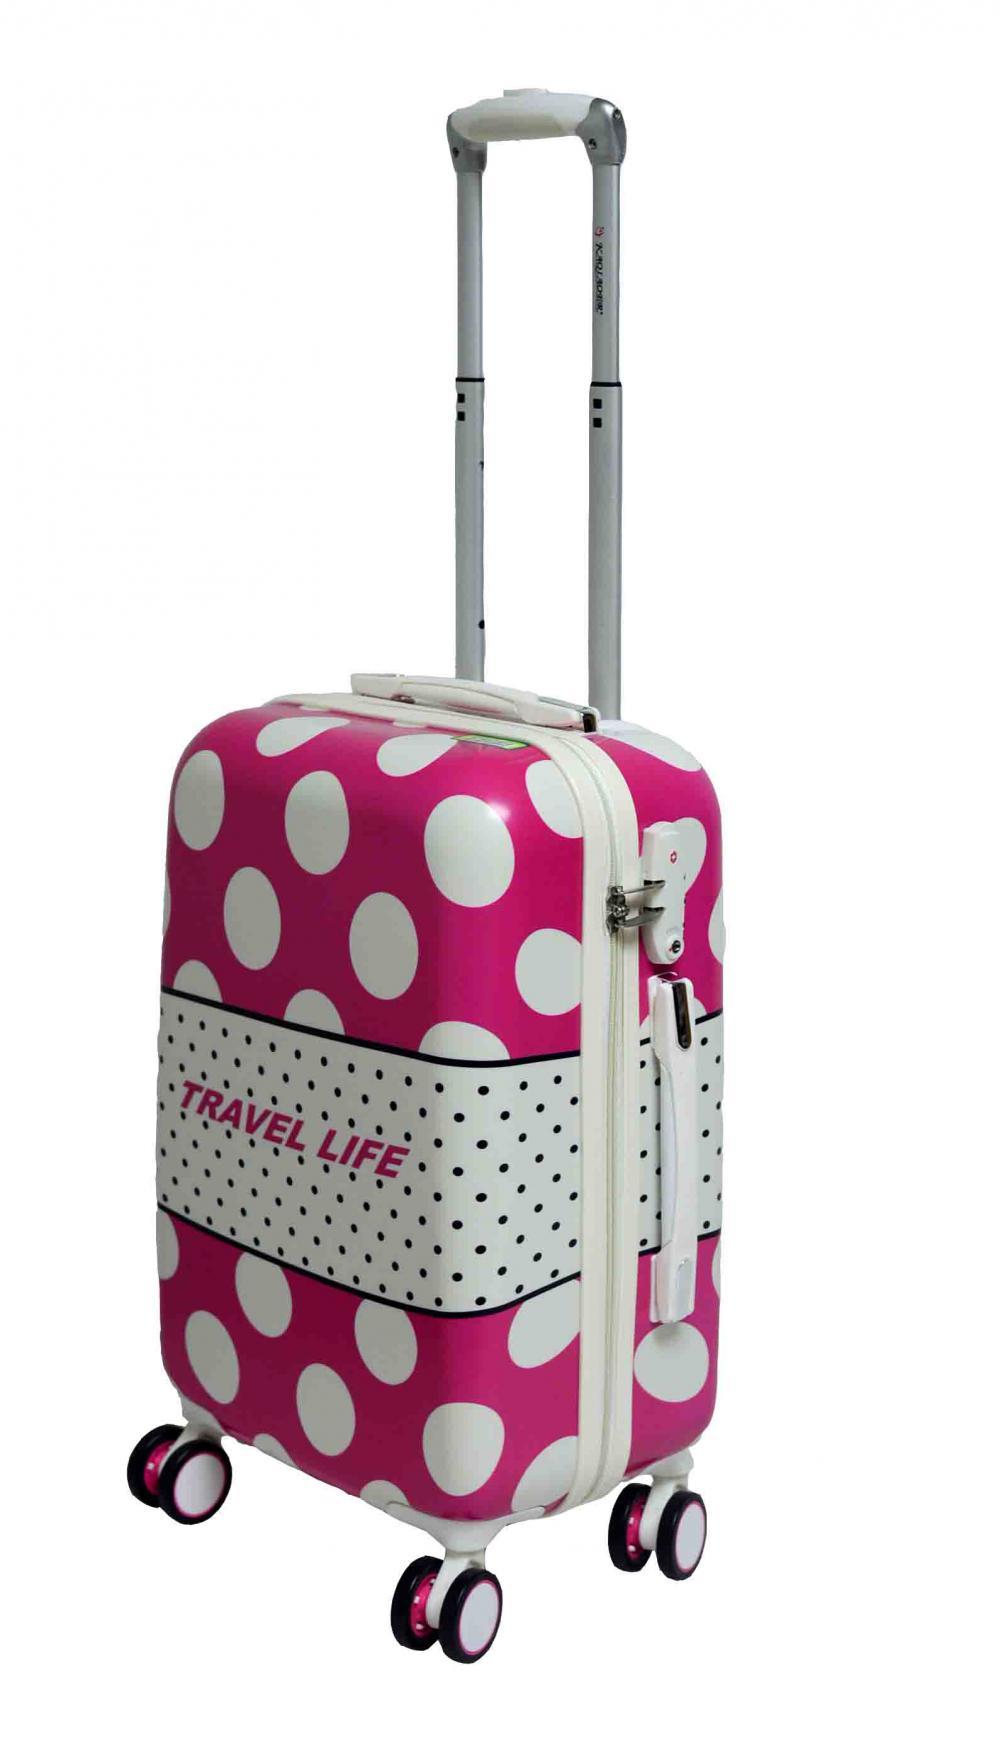 PC Luggage with Aluminum Tube